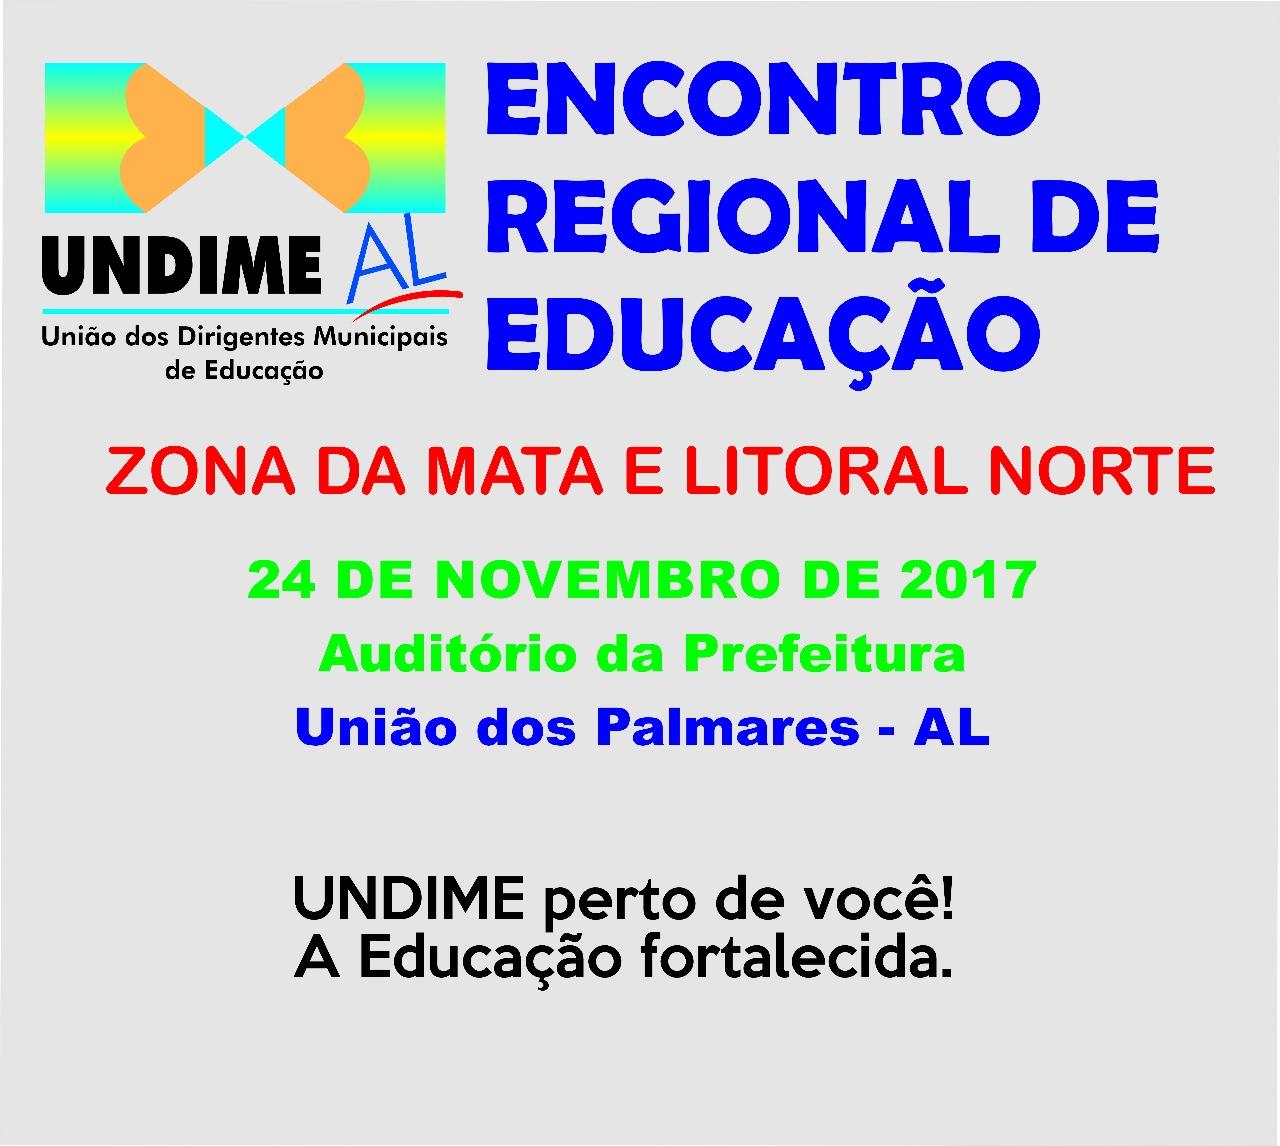 Undime Alagoas realiza I Encontro Regional de Educação em União dos Palmares